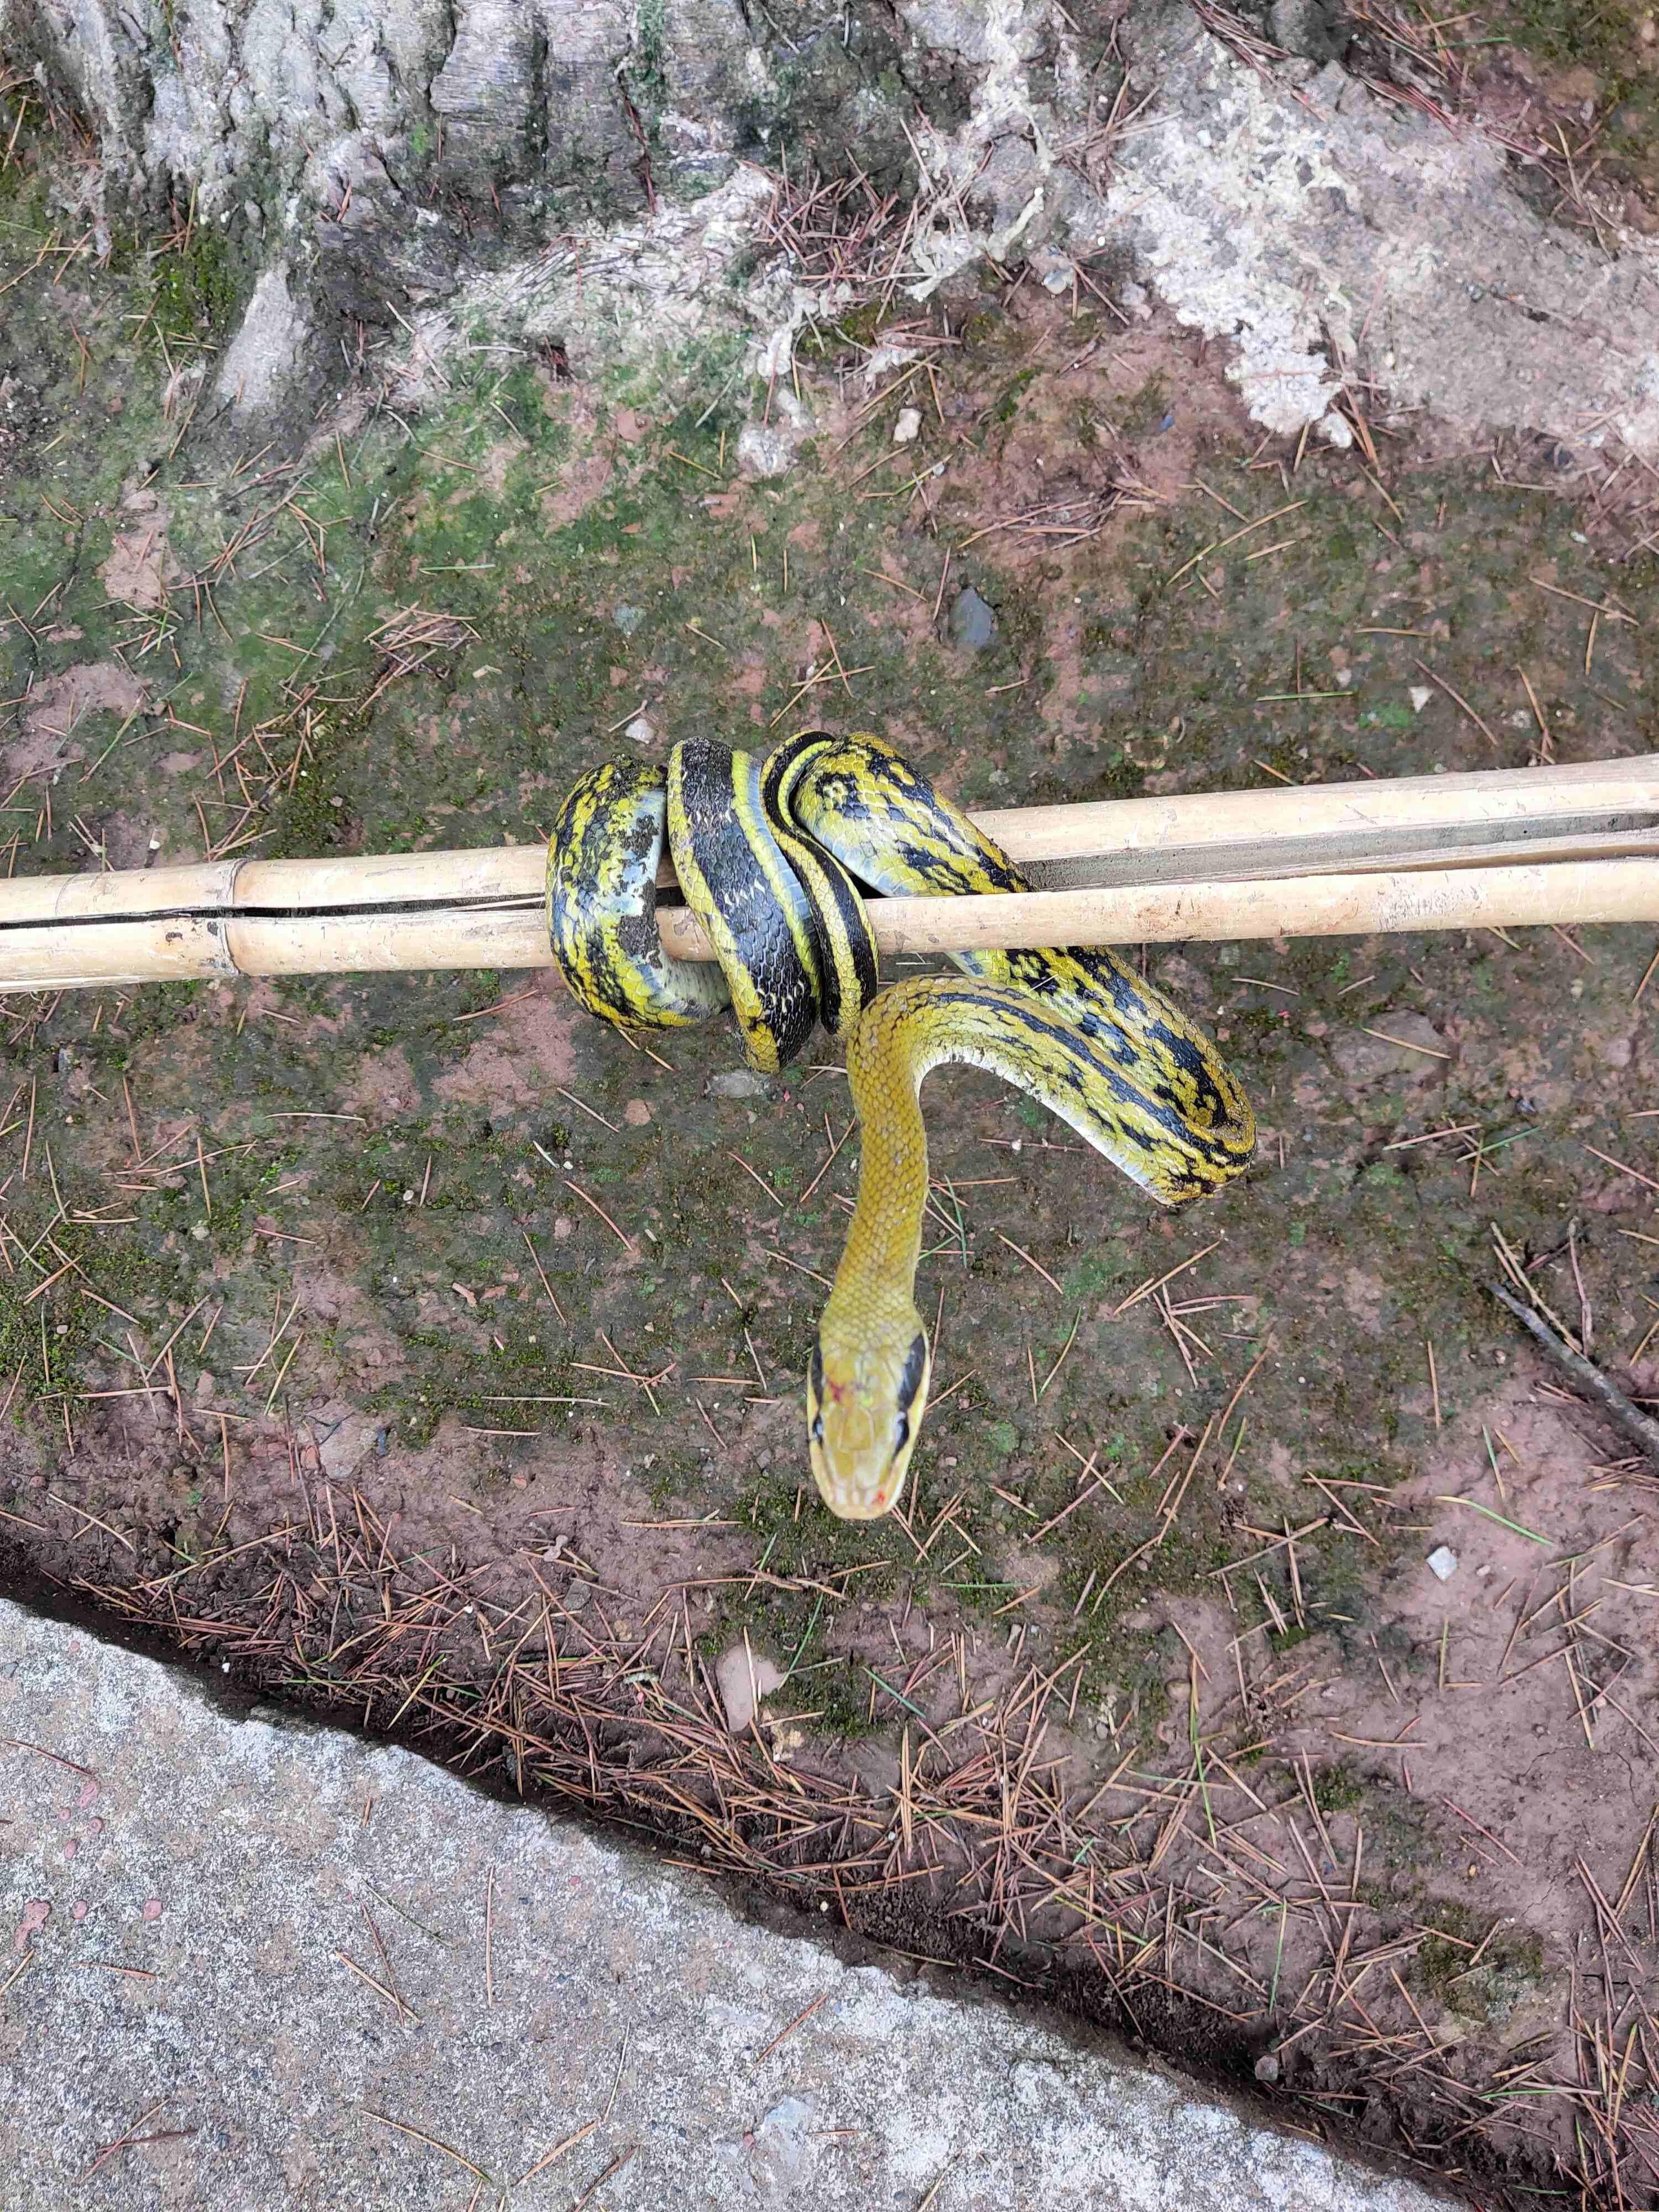 抓到一条野生菜花蛇,第2张